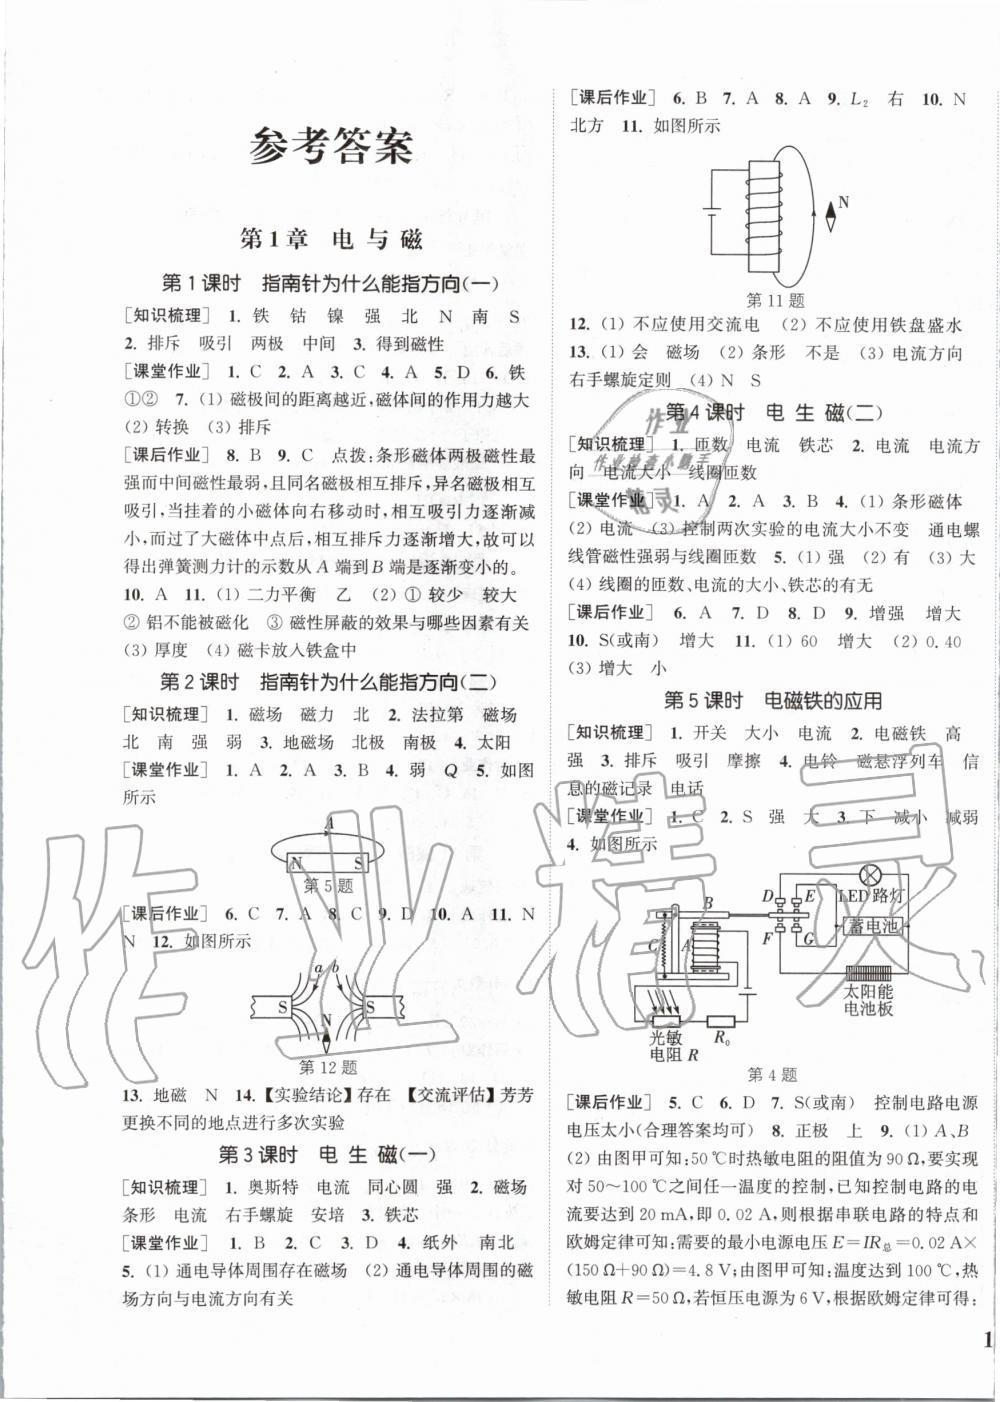 2020年通城学典课时作业本八年级科学下册浙教版第1页